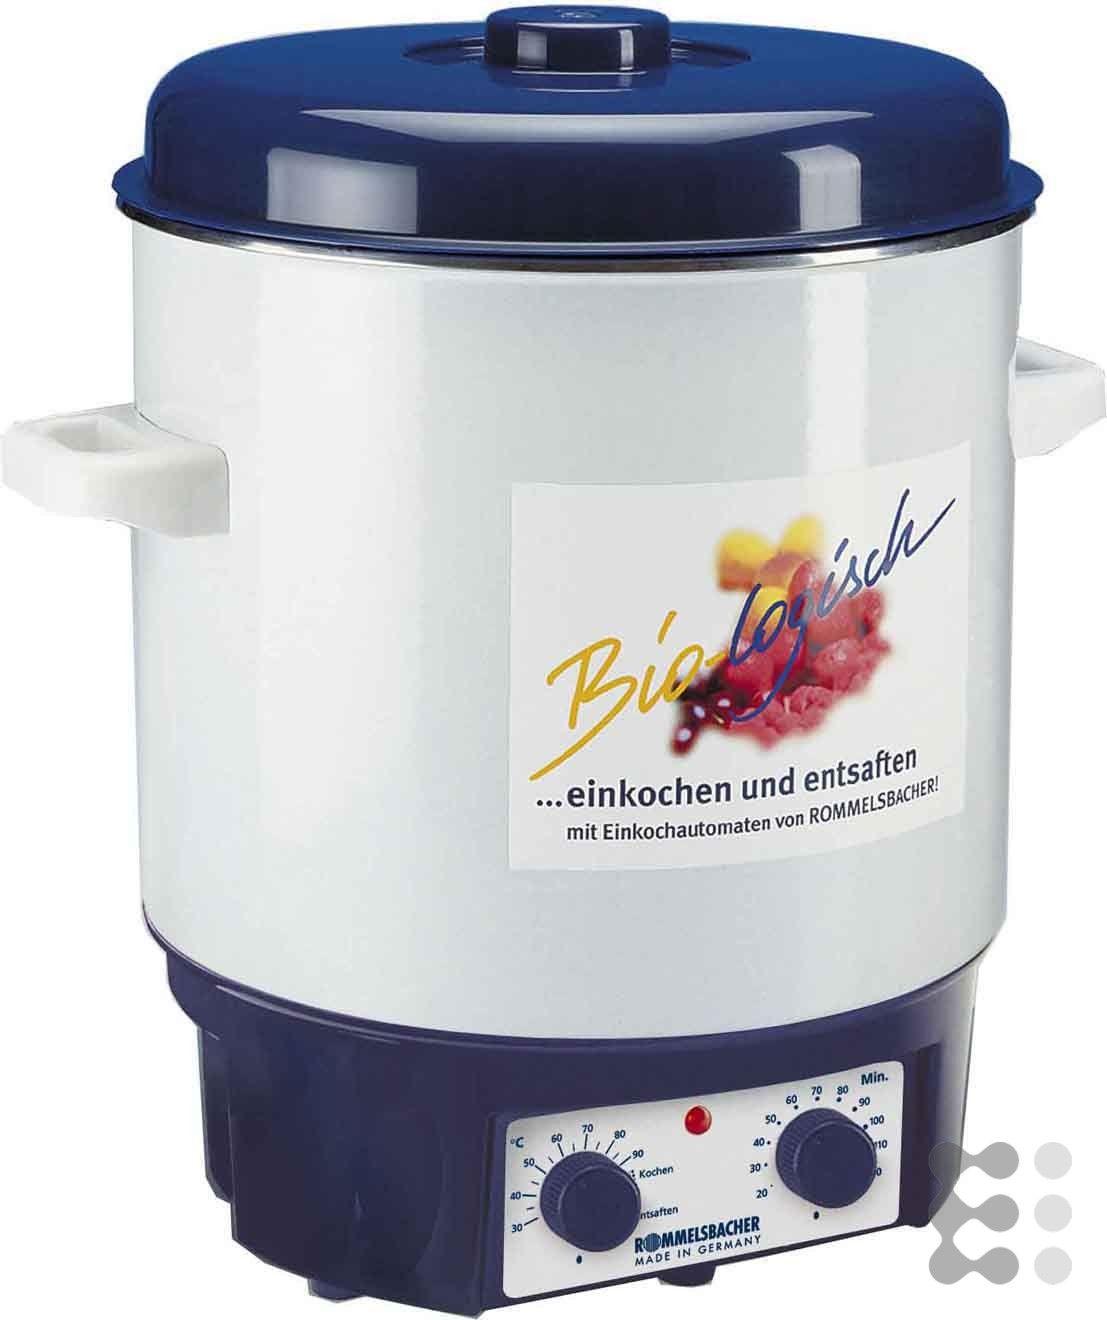 Küchendesign rot und silber rommelsba einkochautomat  küchengeräte  pinterest  mixer und